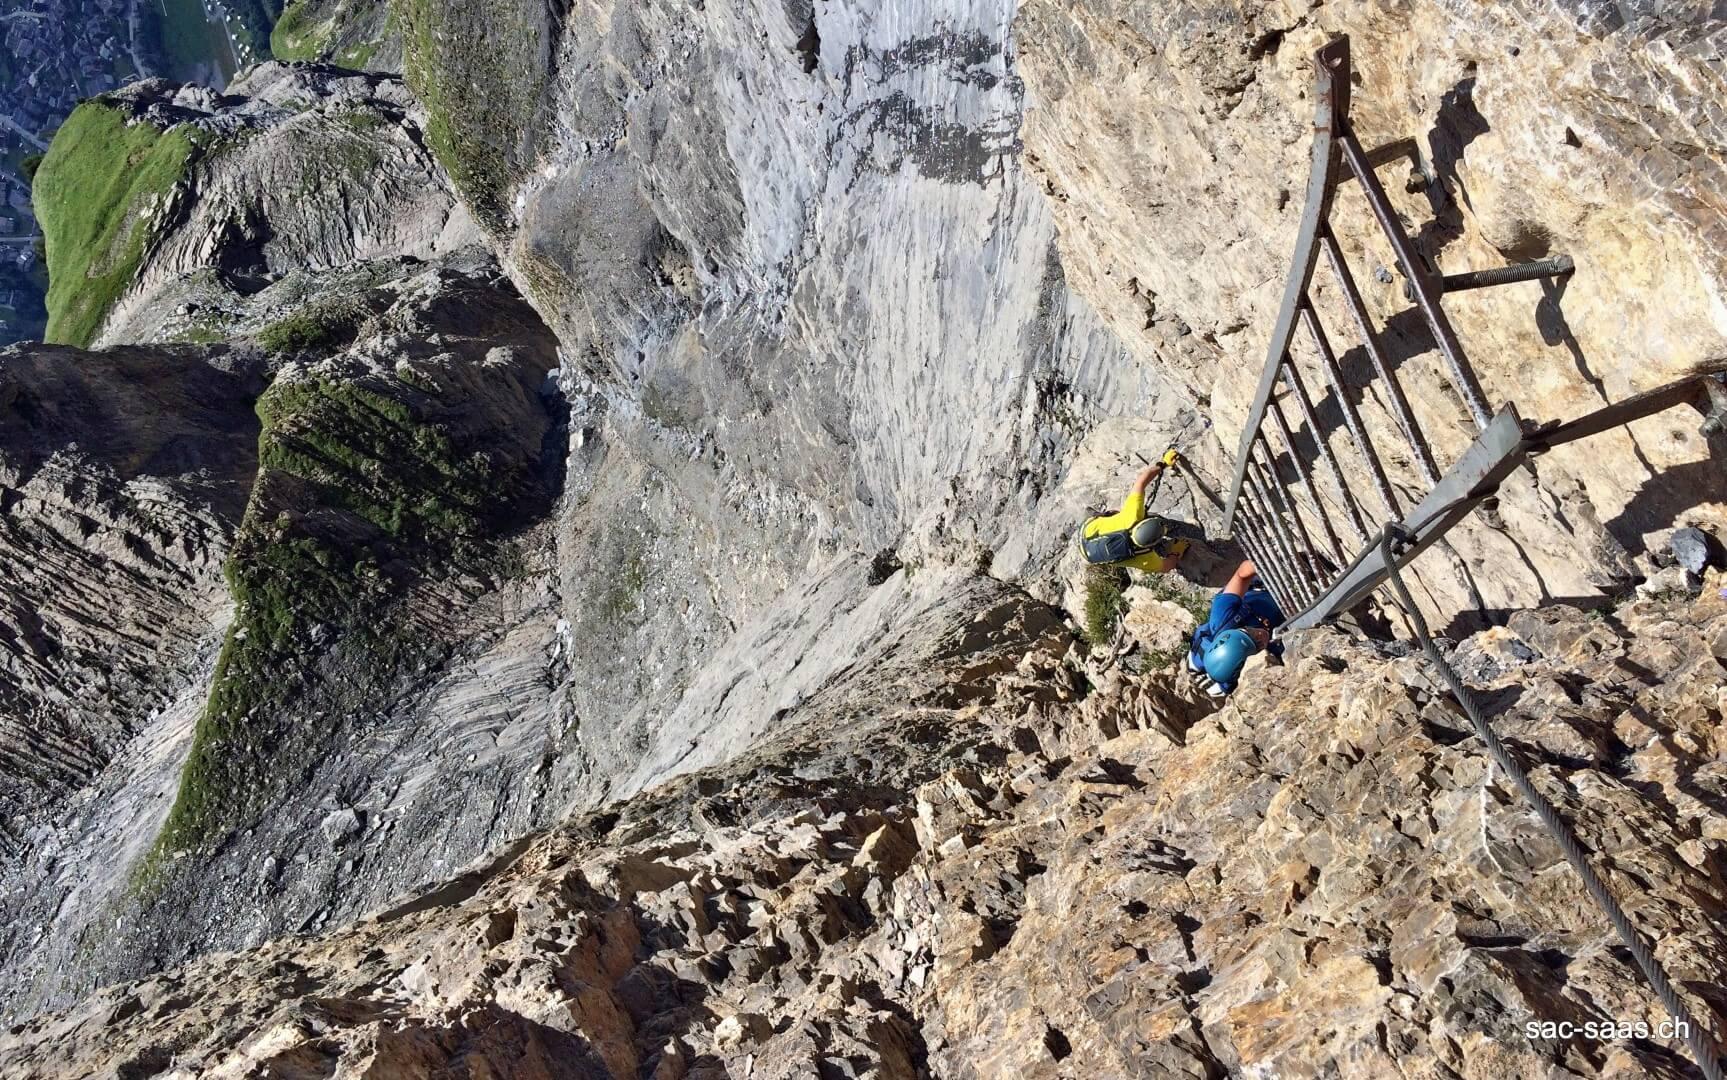 Klettersteig Daubenhorn : 01.08.2017 klettersteig daubenhorn u2013 sac saas